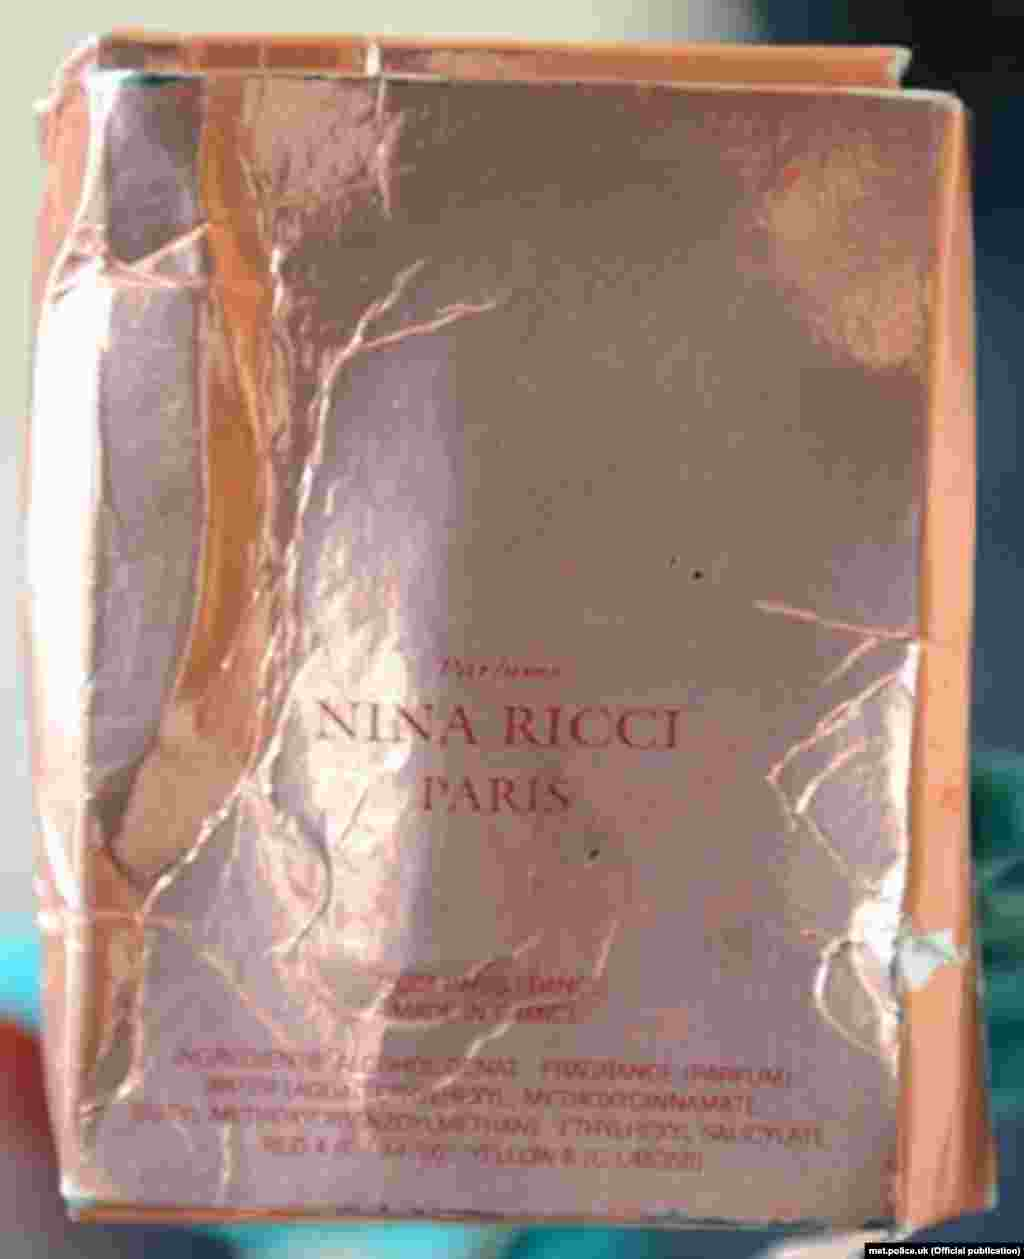 Коробка с лейблом Nina Ricci Premier Jour была найдена в мусорном мешке на кухне Чарли Роули во время обыска 10 июля.